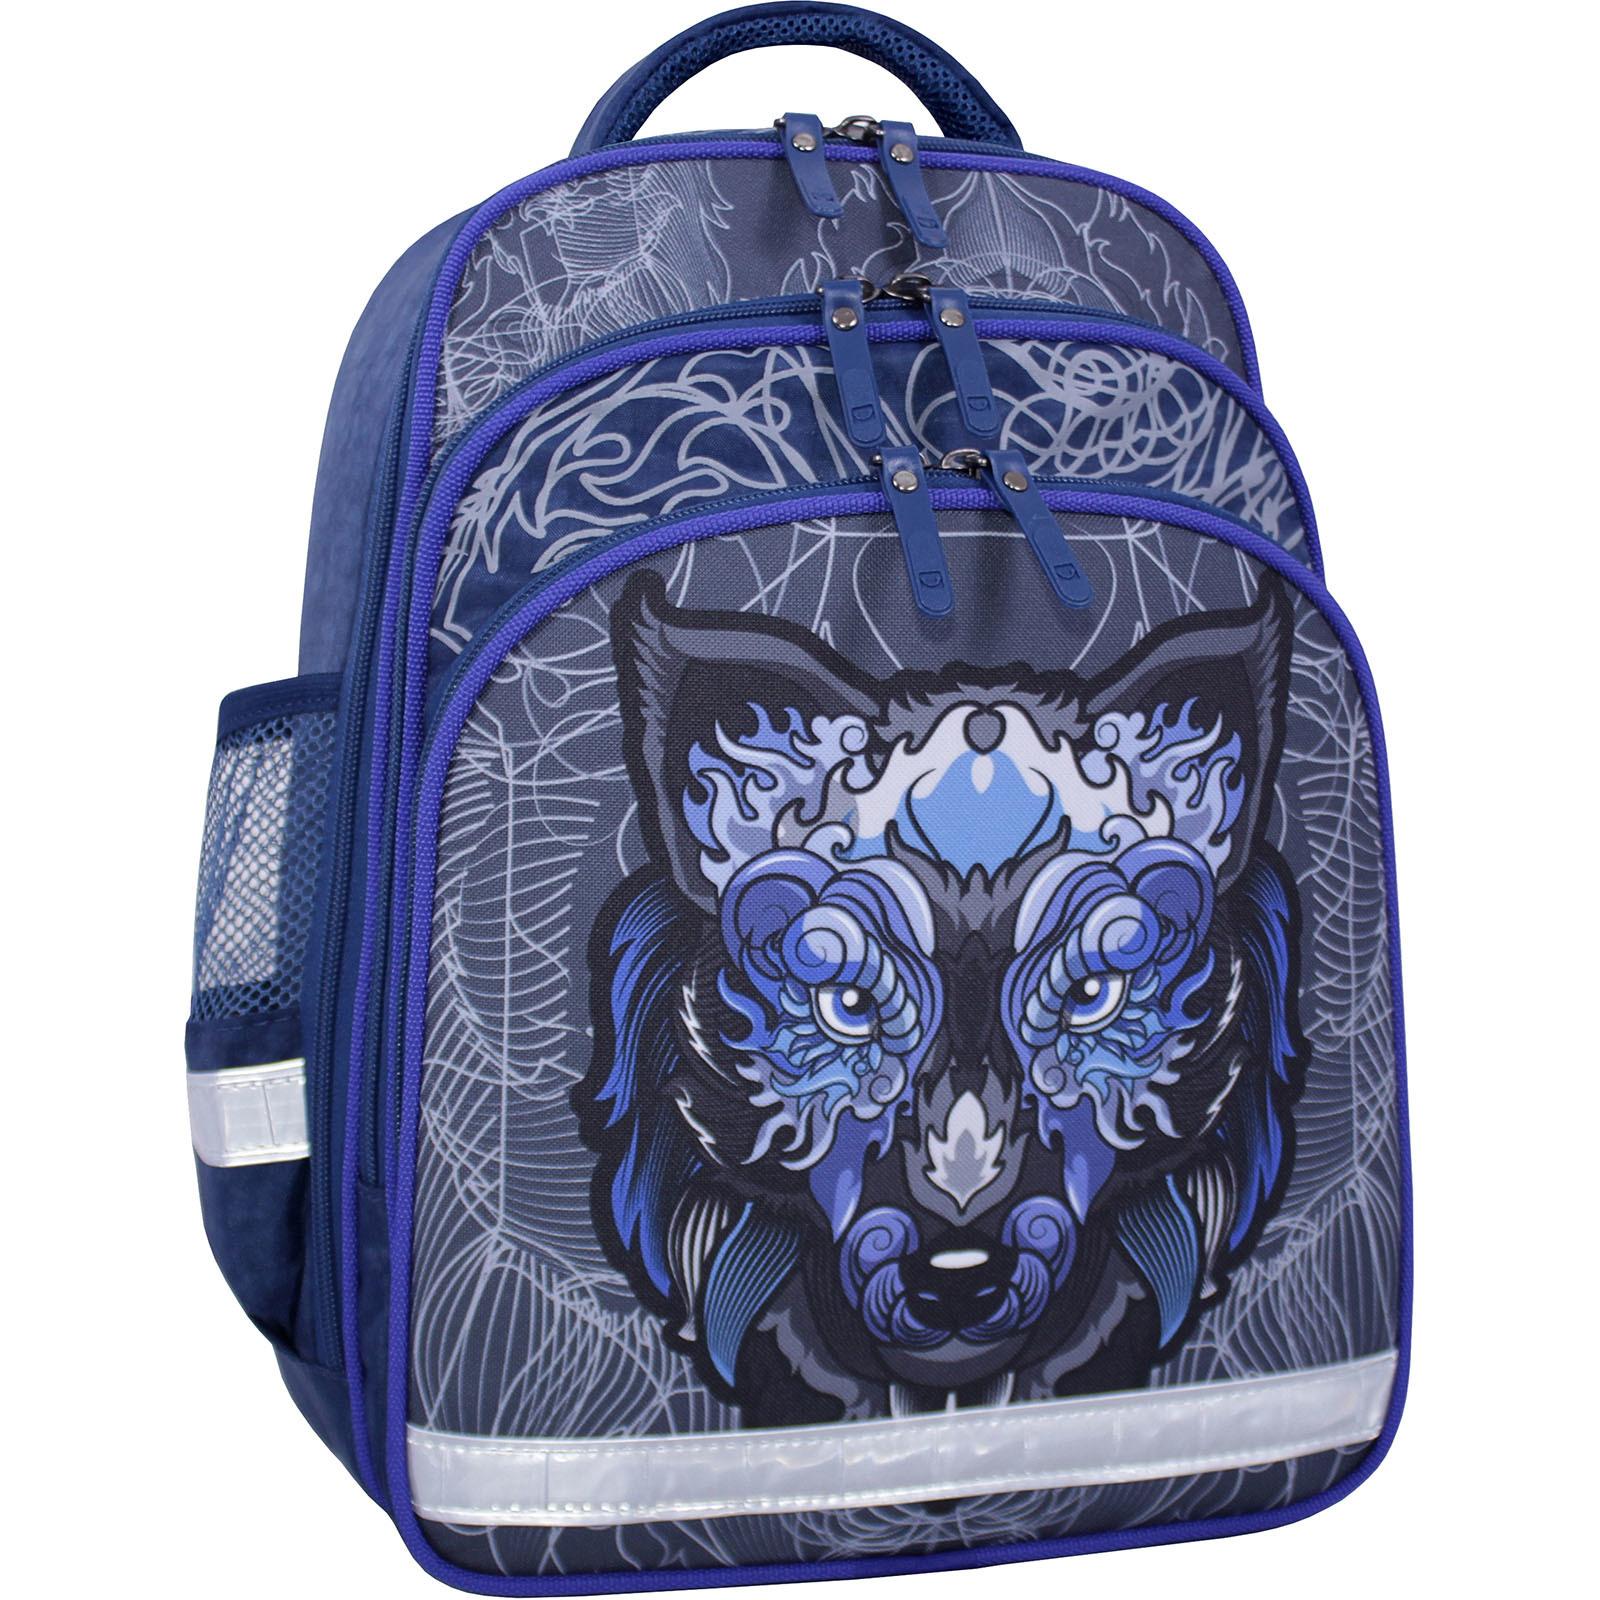 Школьные рюкзаки Рюкзак школьный Bagland Mouse 225 синий 506 (0051370) IMG_2562_суб.506_.JPG